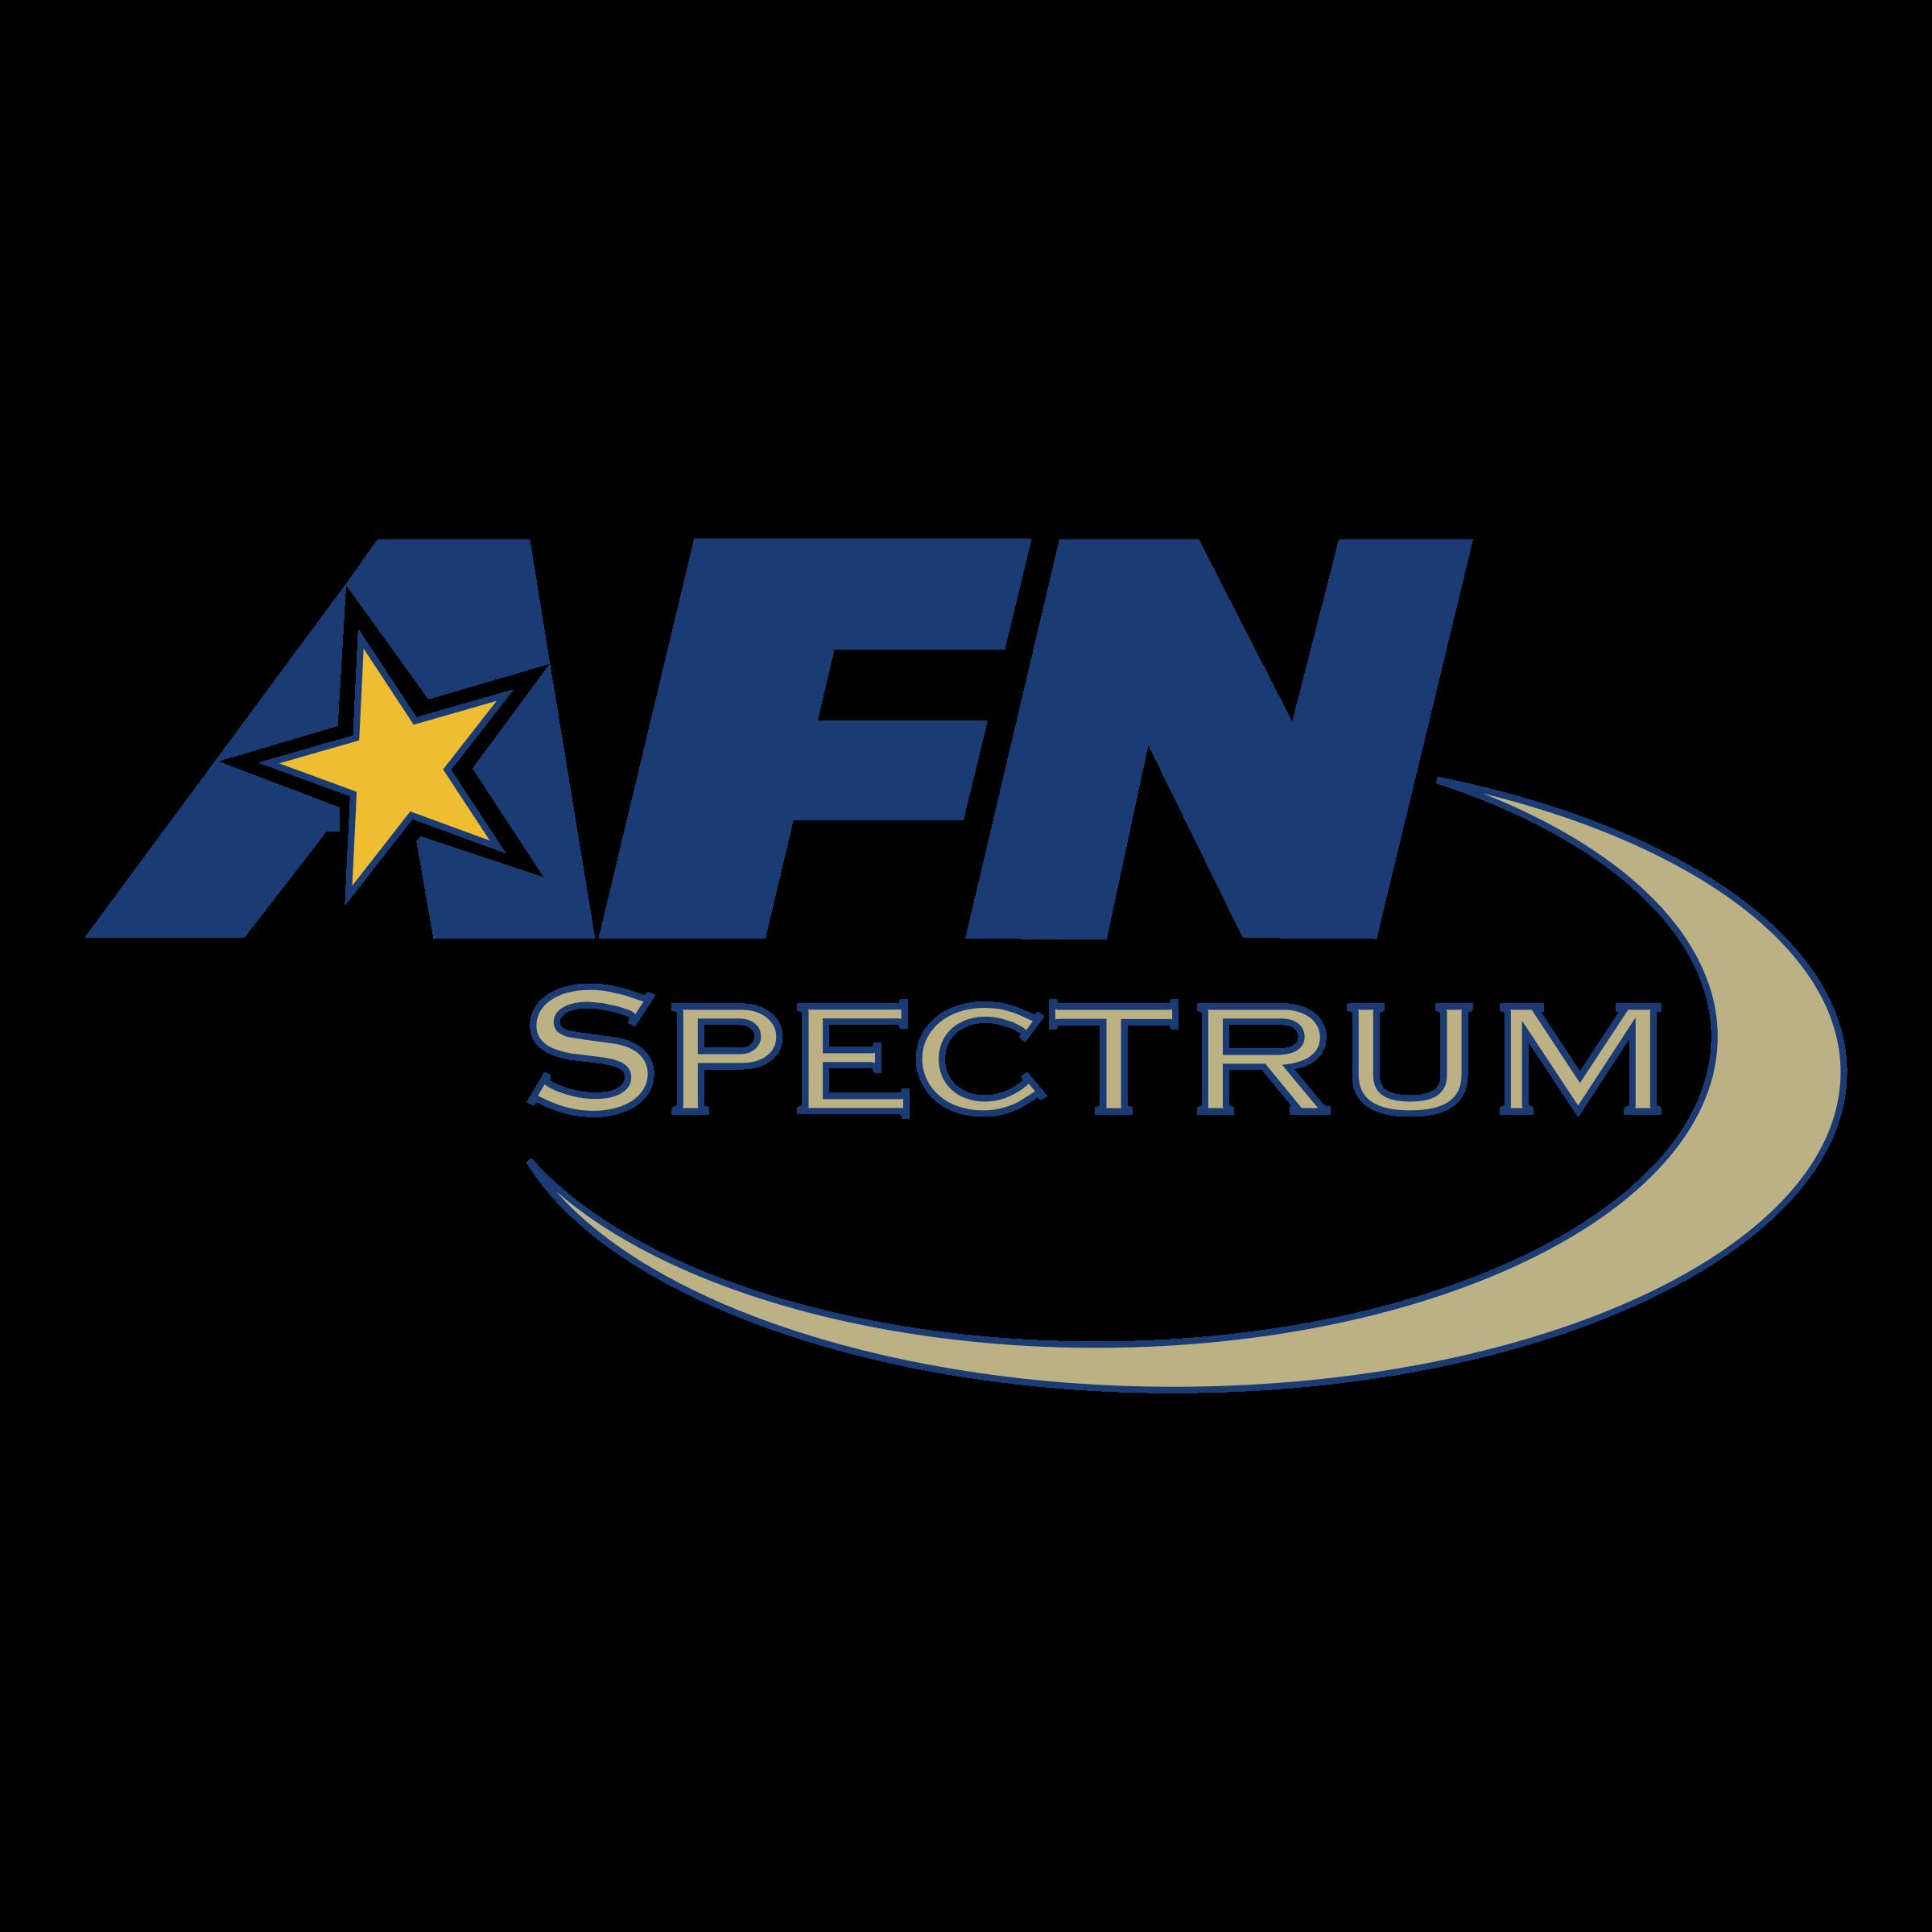 AFN Spectrum Logo PNG Transparent & SVG Vector.